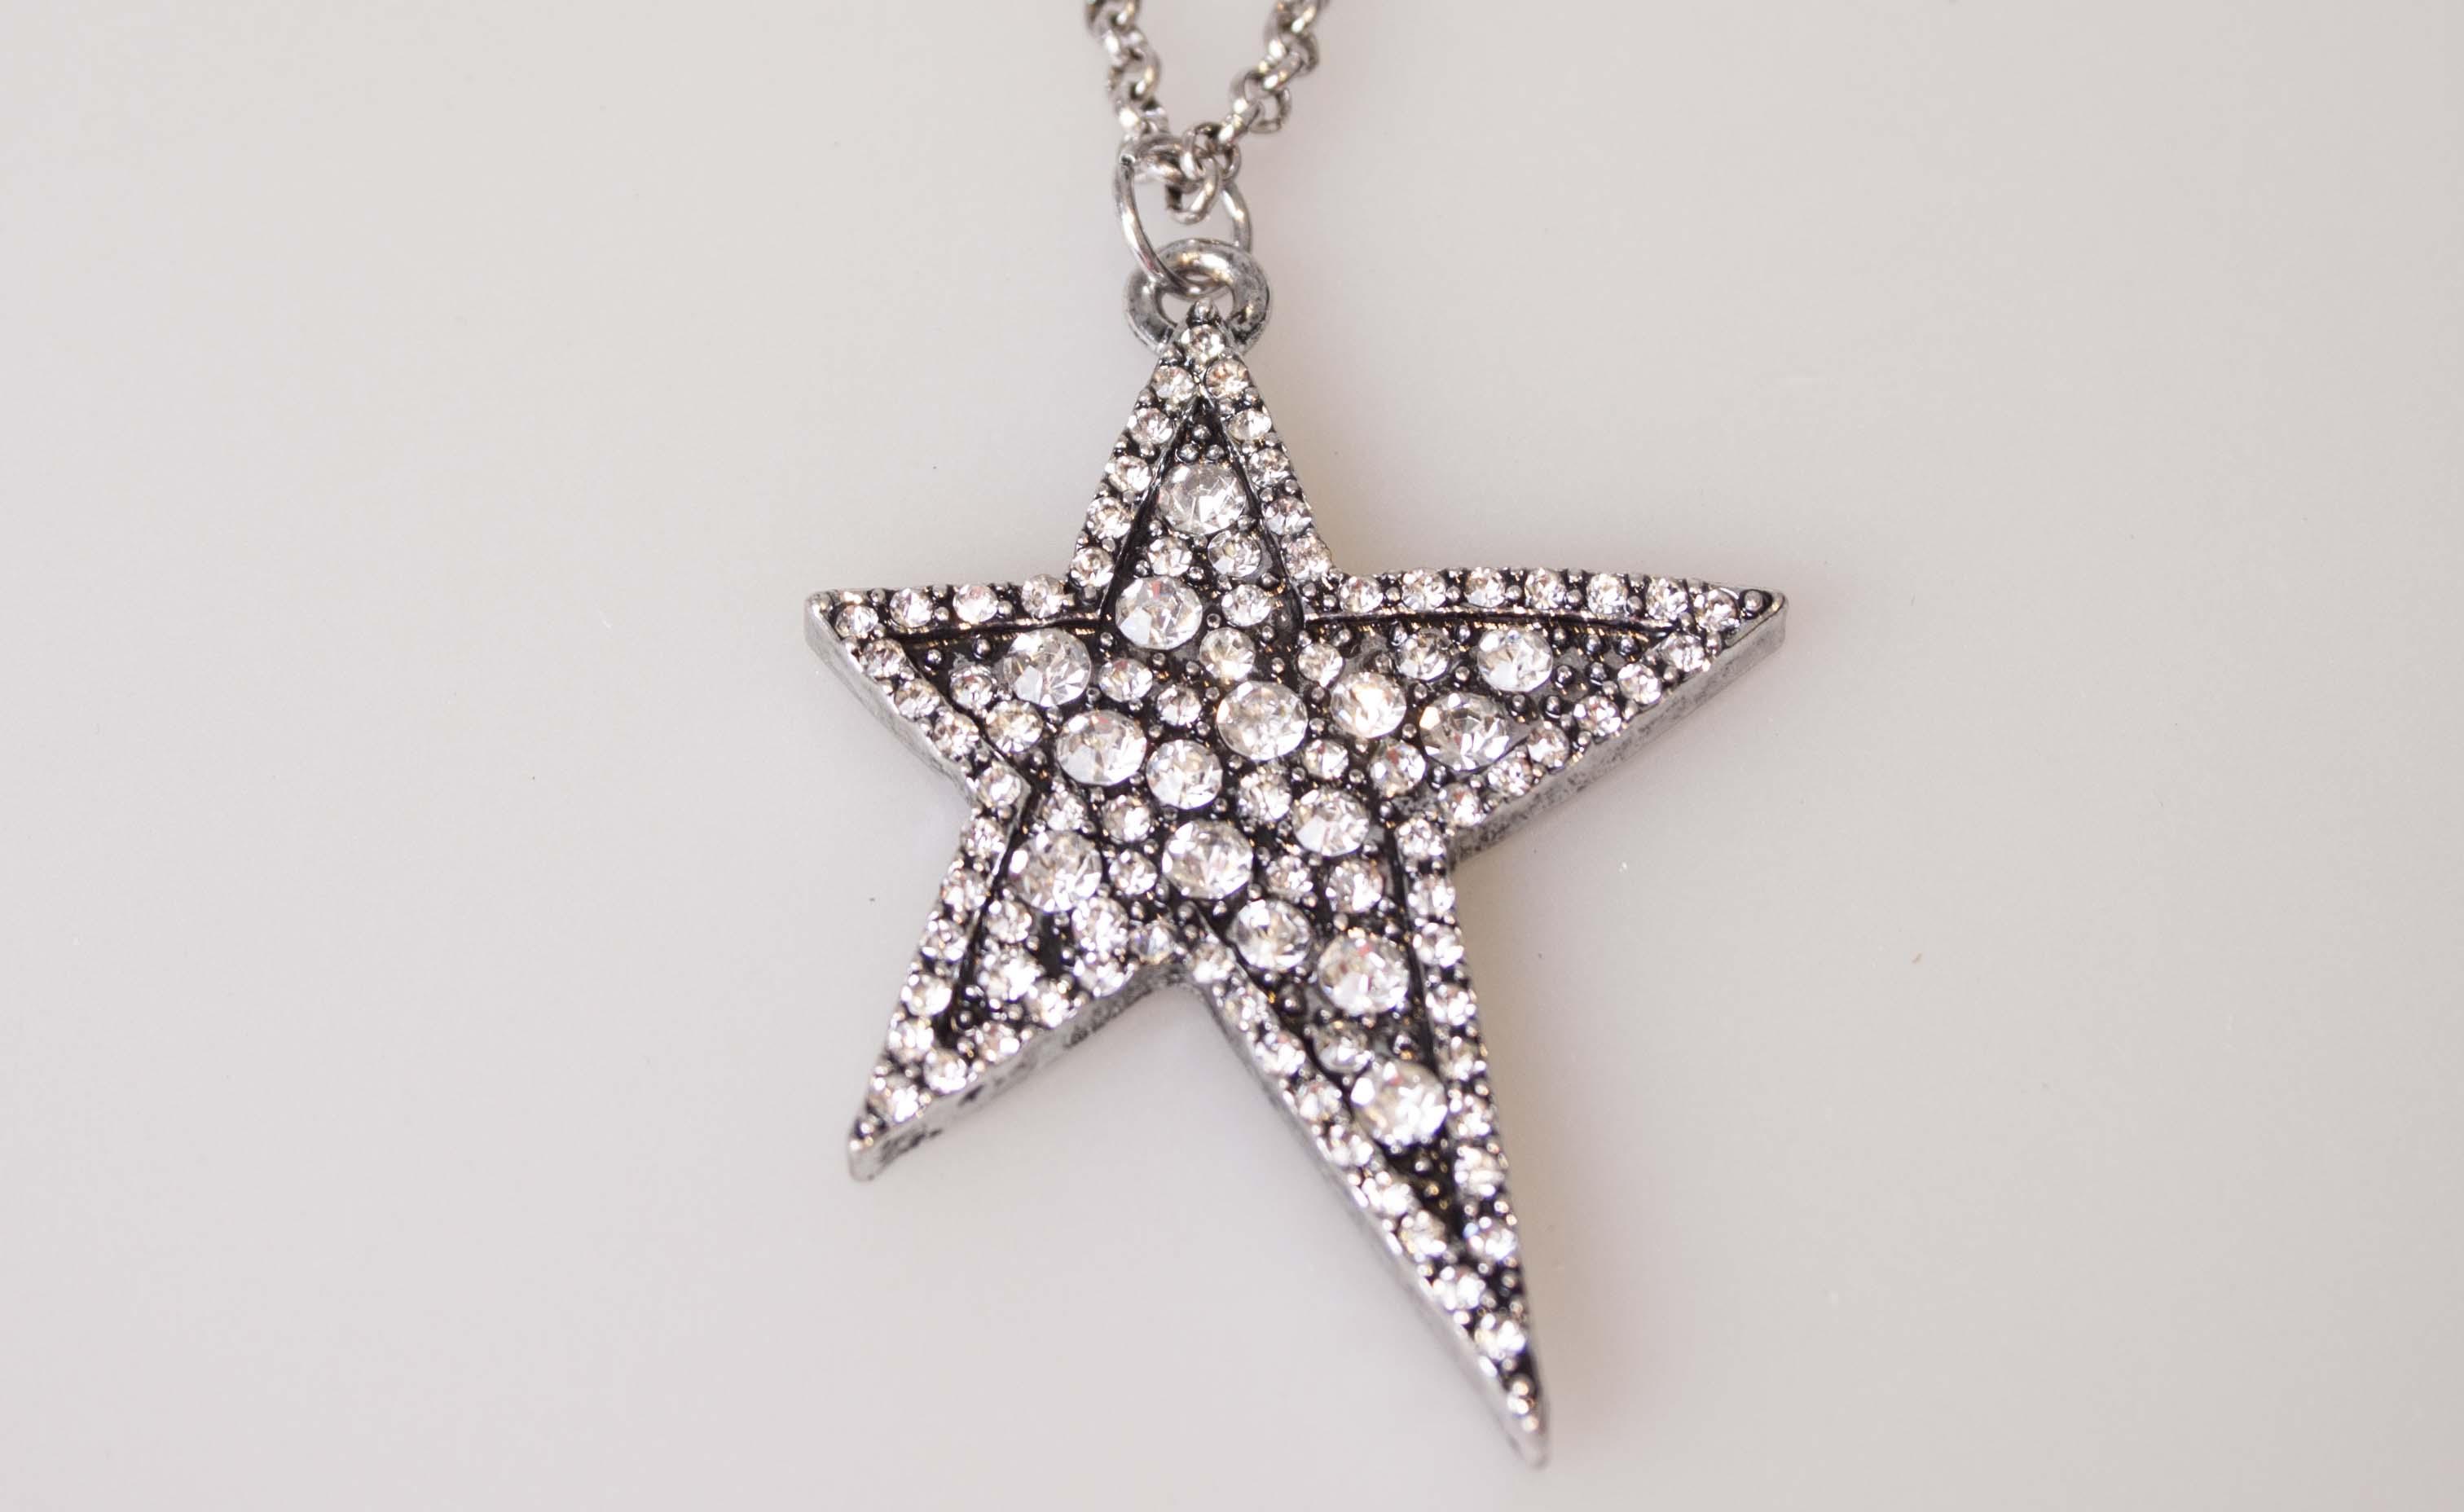 Passero halskæde med asymmetrisk stjerne